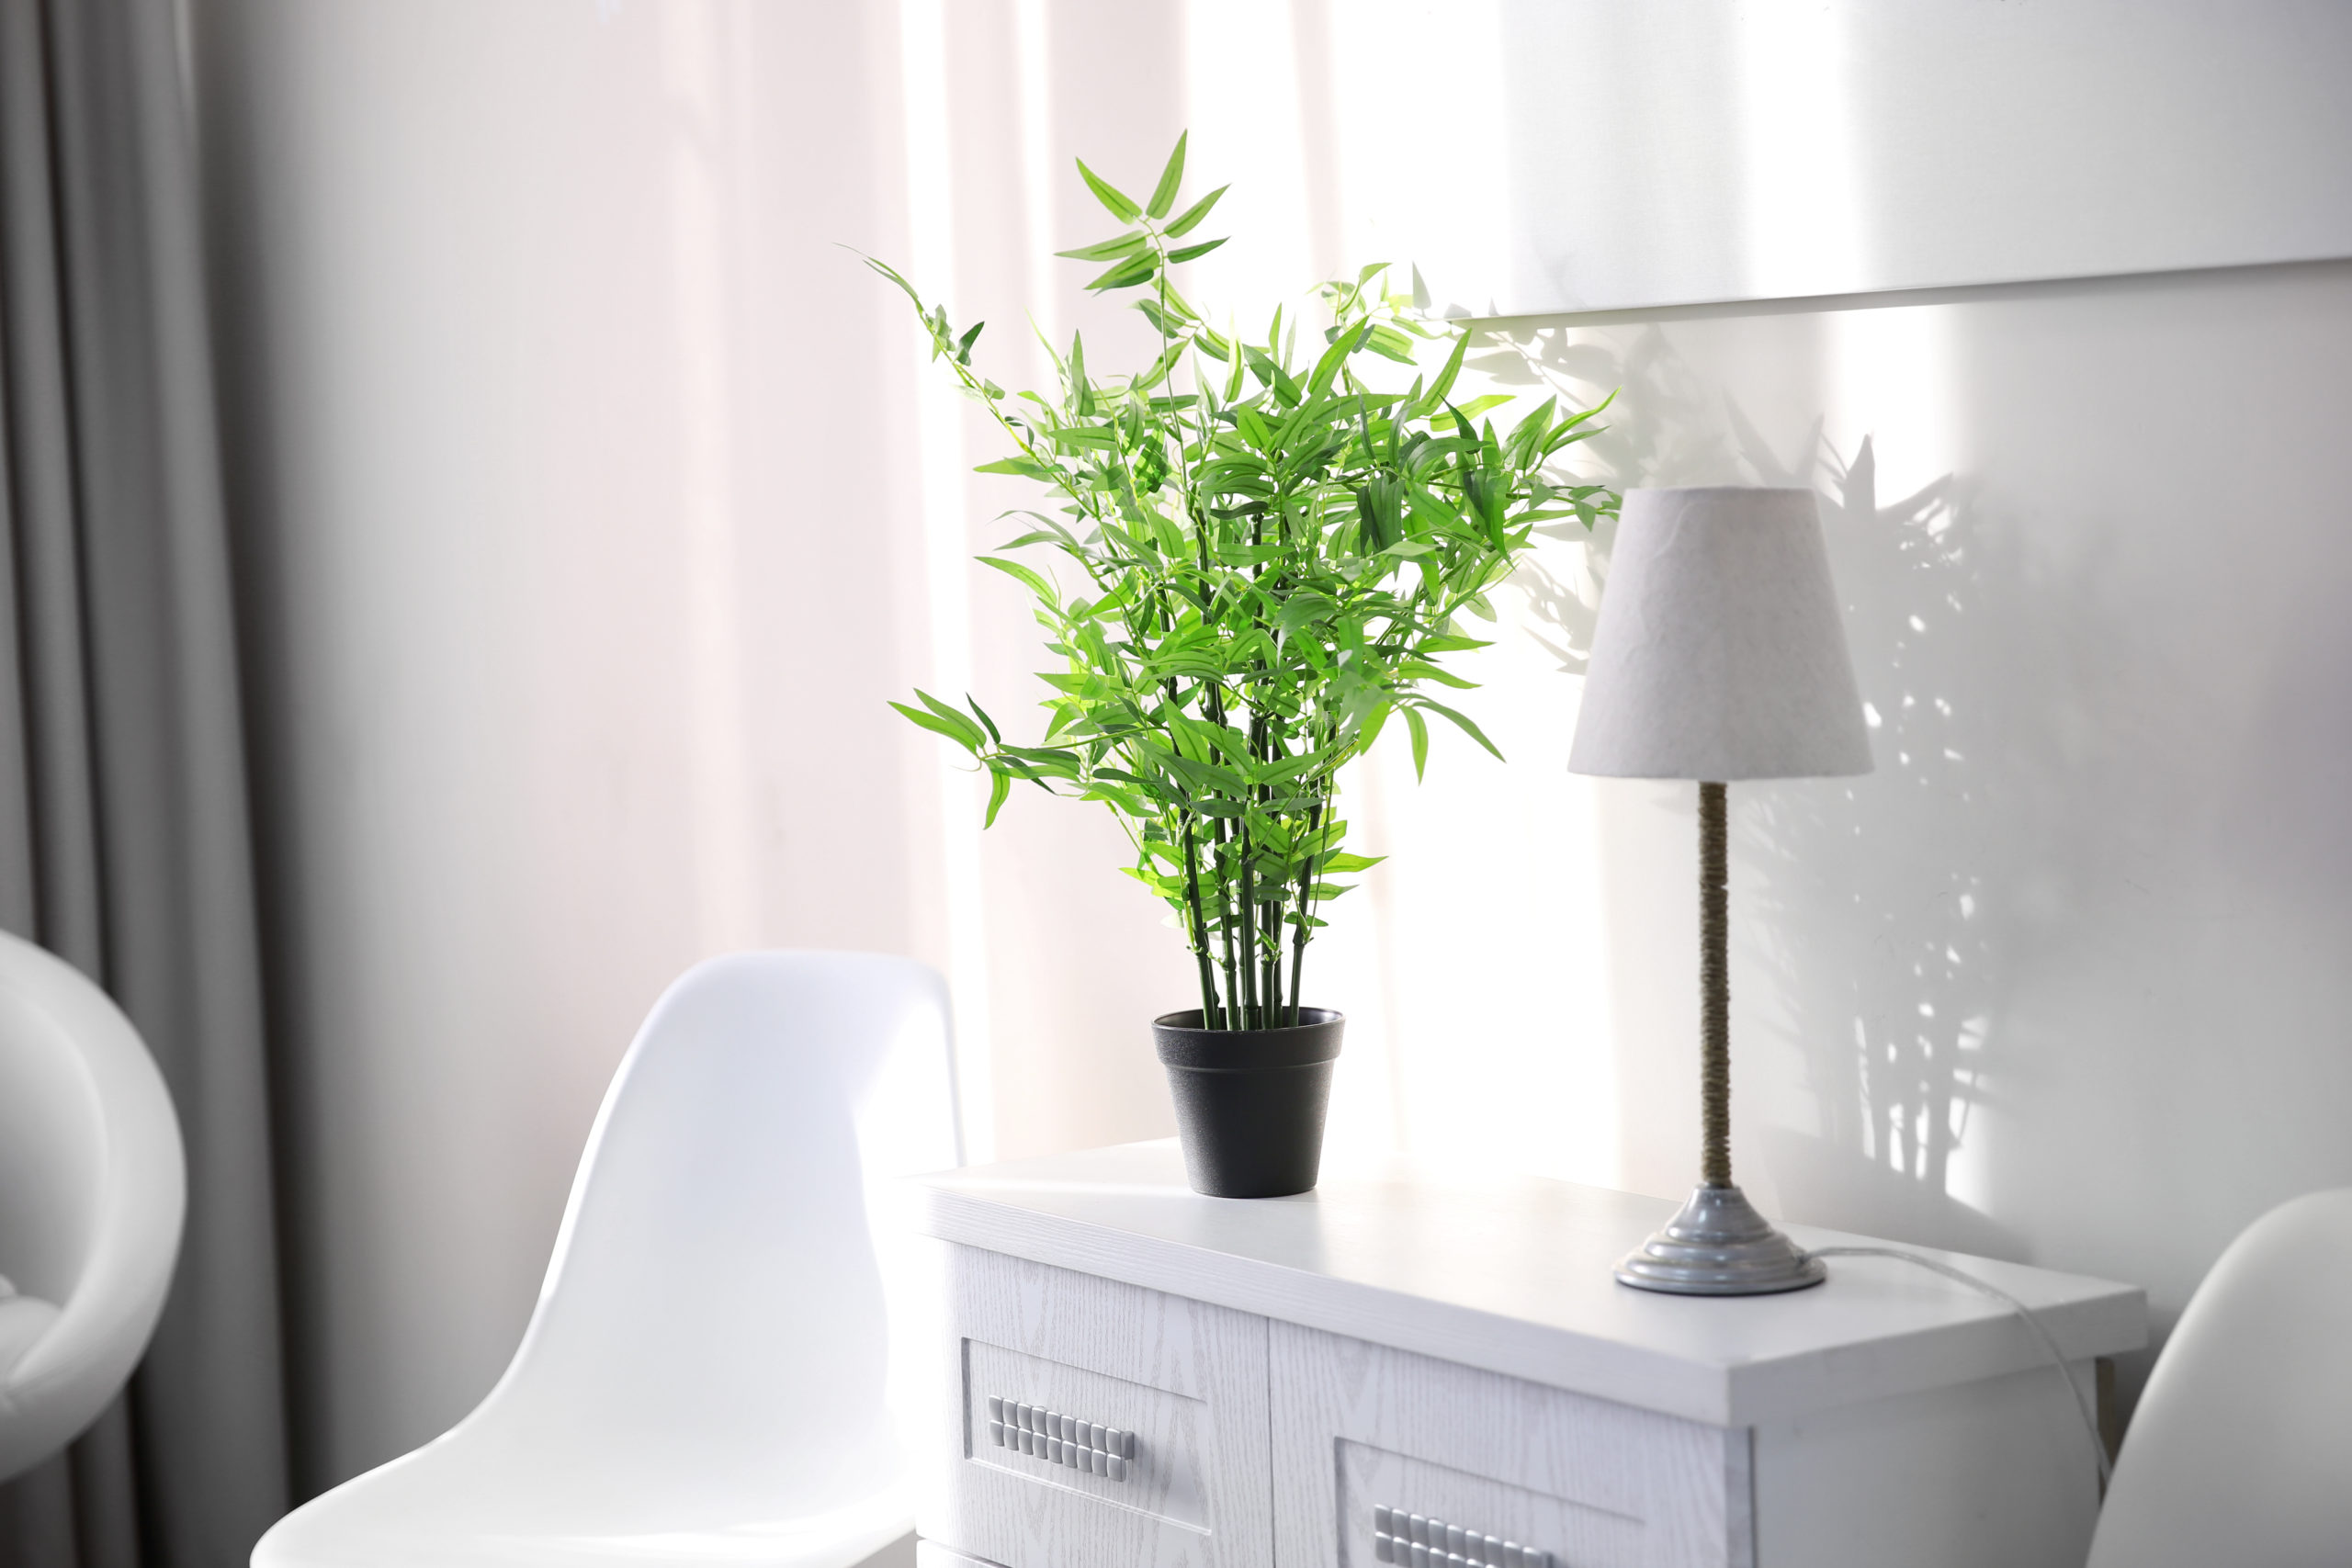 Apartamentos e a maneira de cultivar plantas